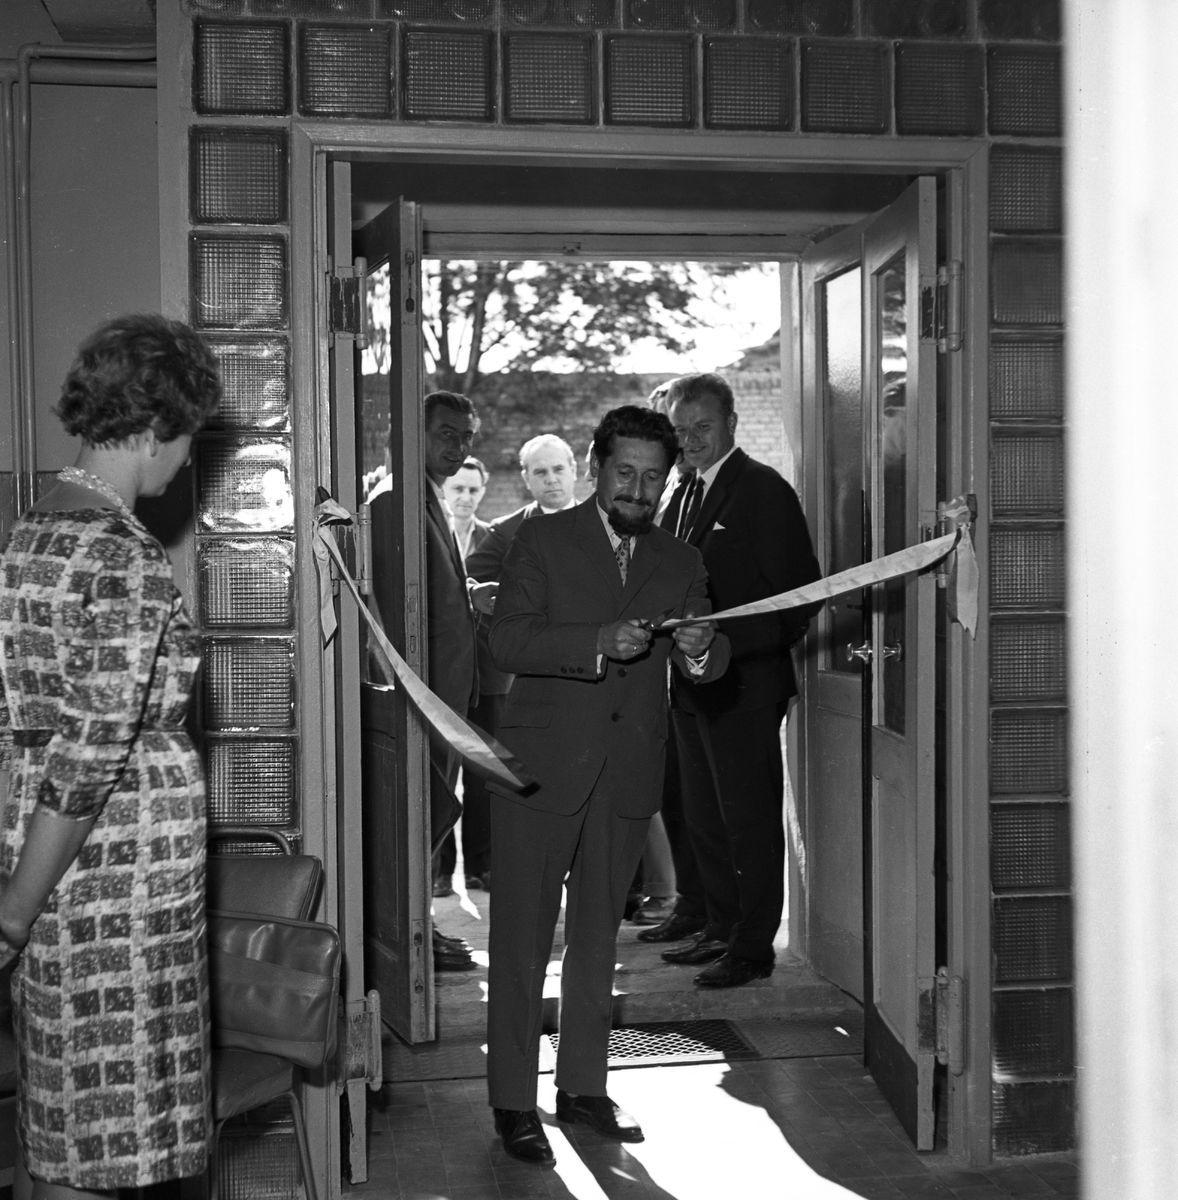 Otwarcie pralni Miejskiego Przedsiębiorstwa Gospodarki Komunalnej, 1964 r.